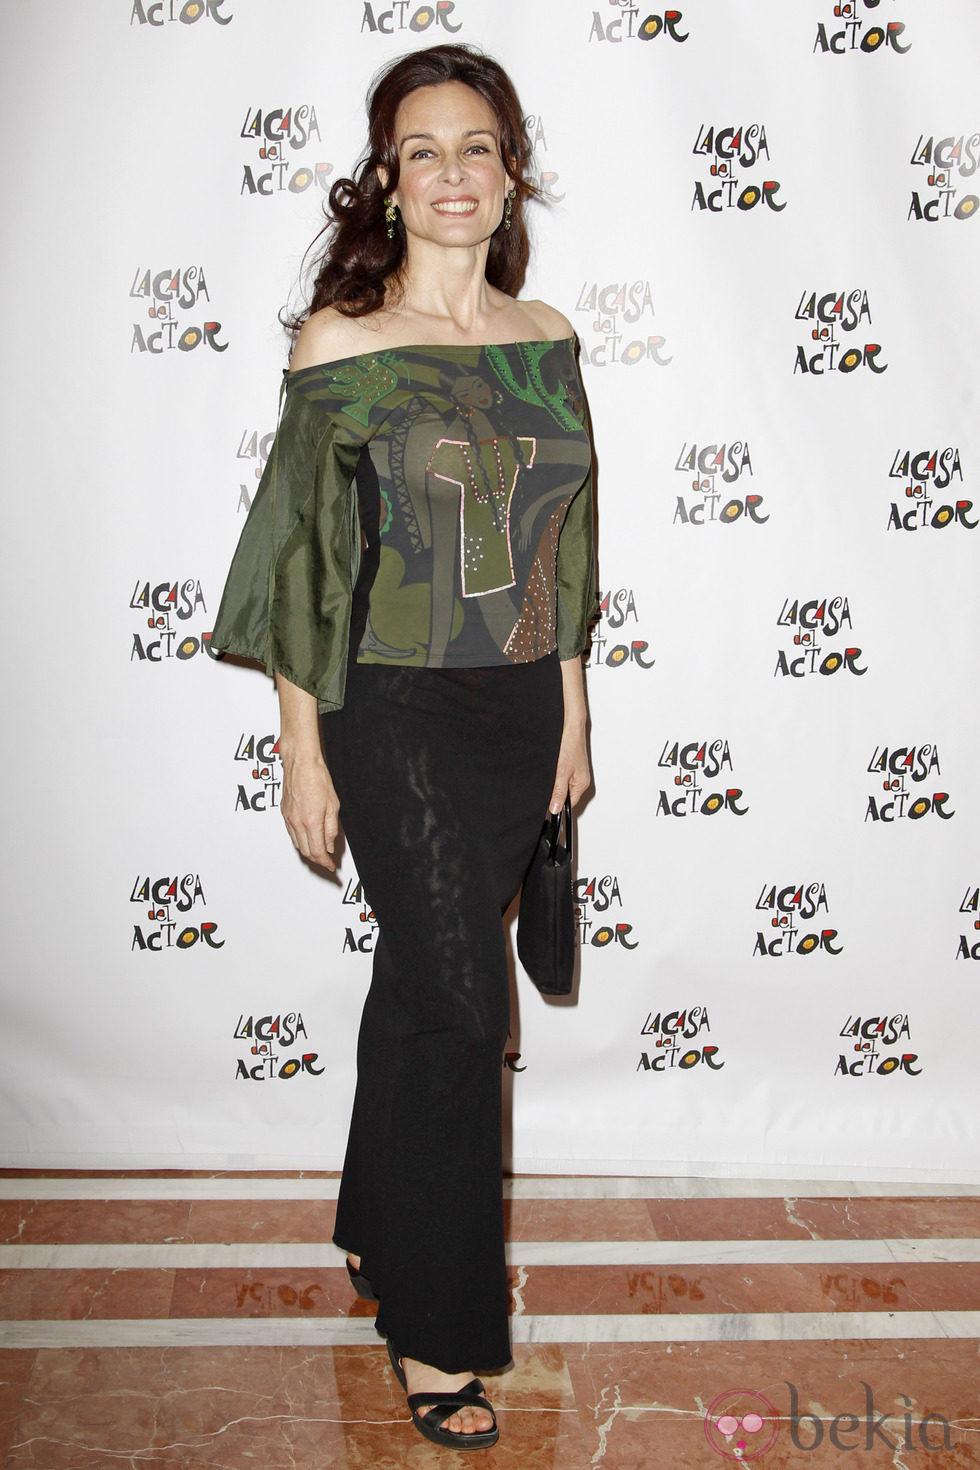 Silvia Marsó en los premios de La Casa del Actor 2013